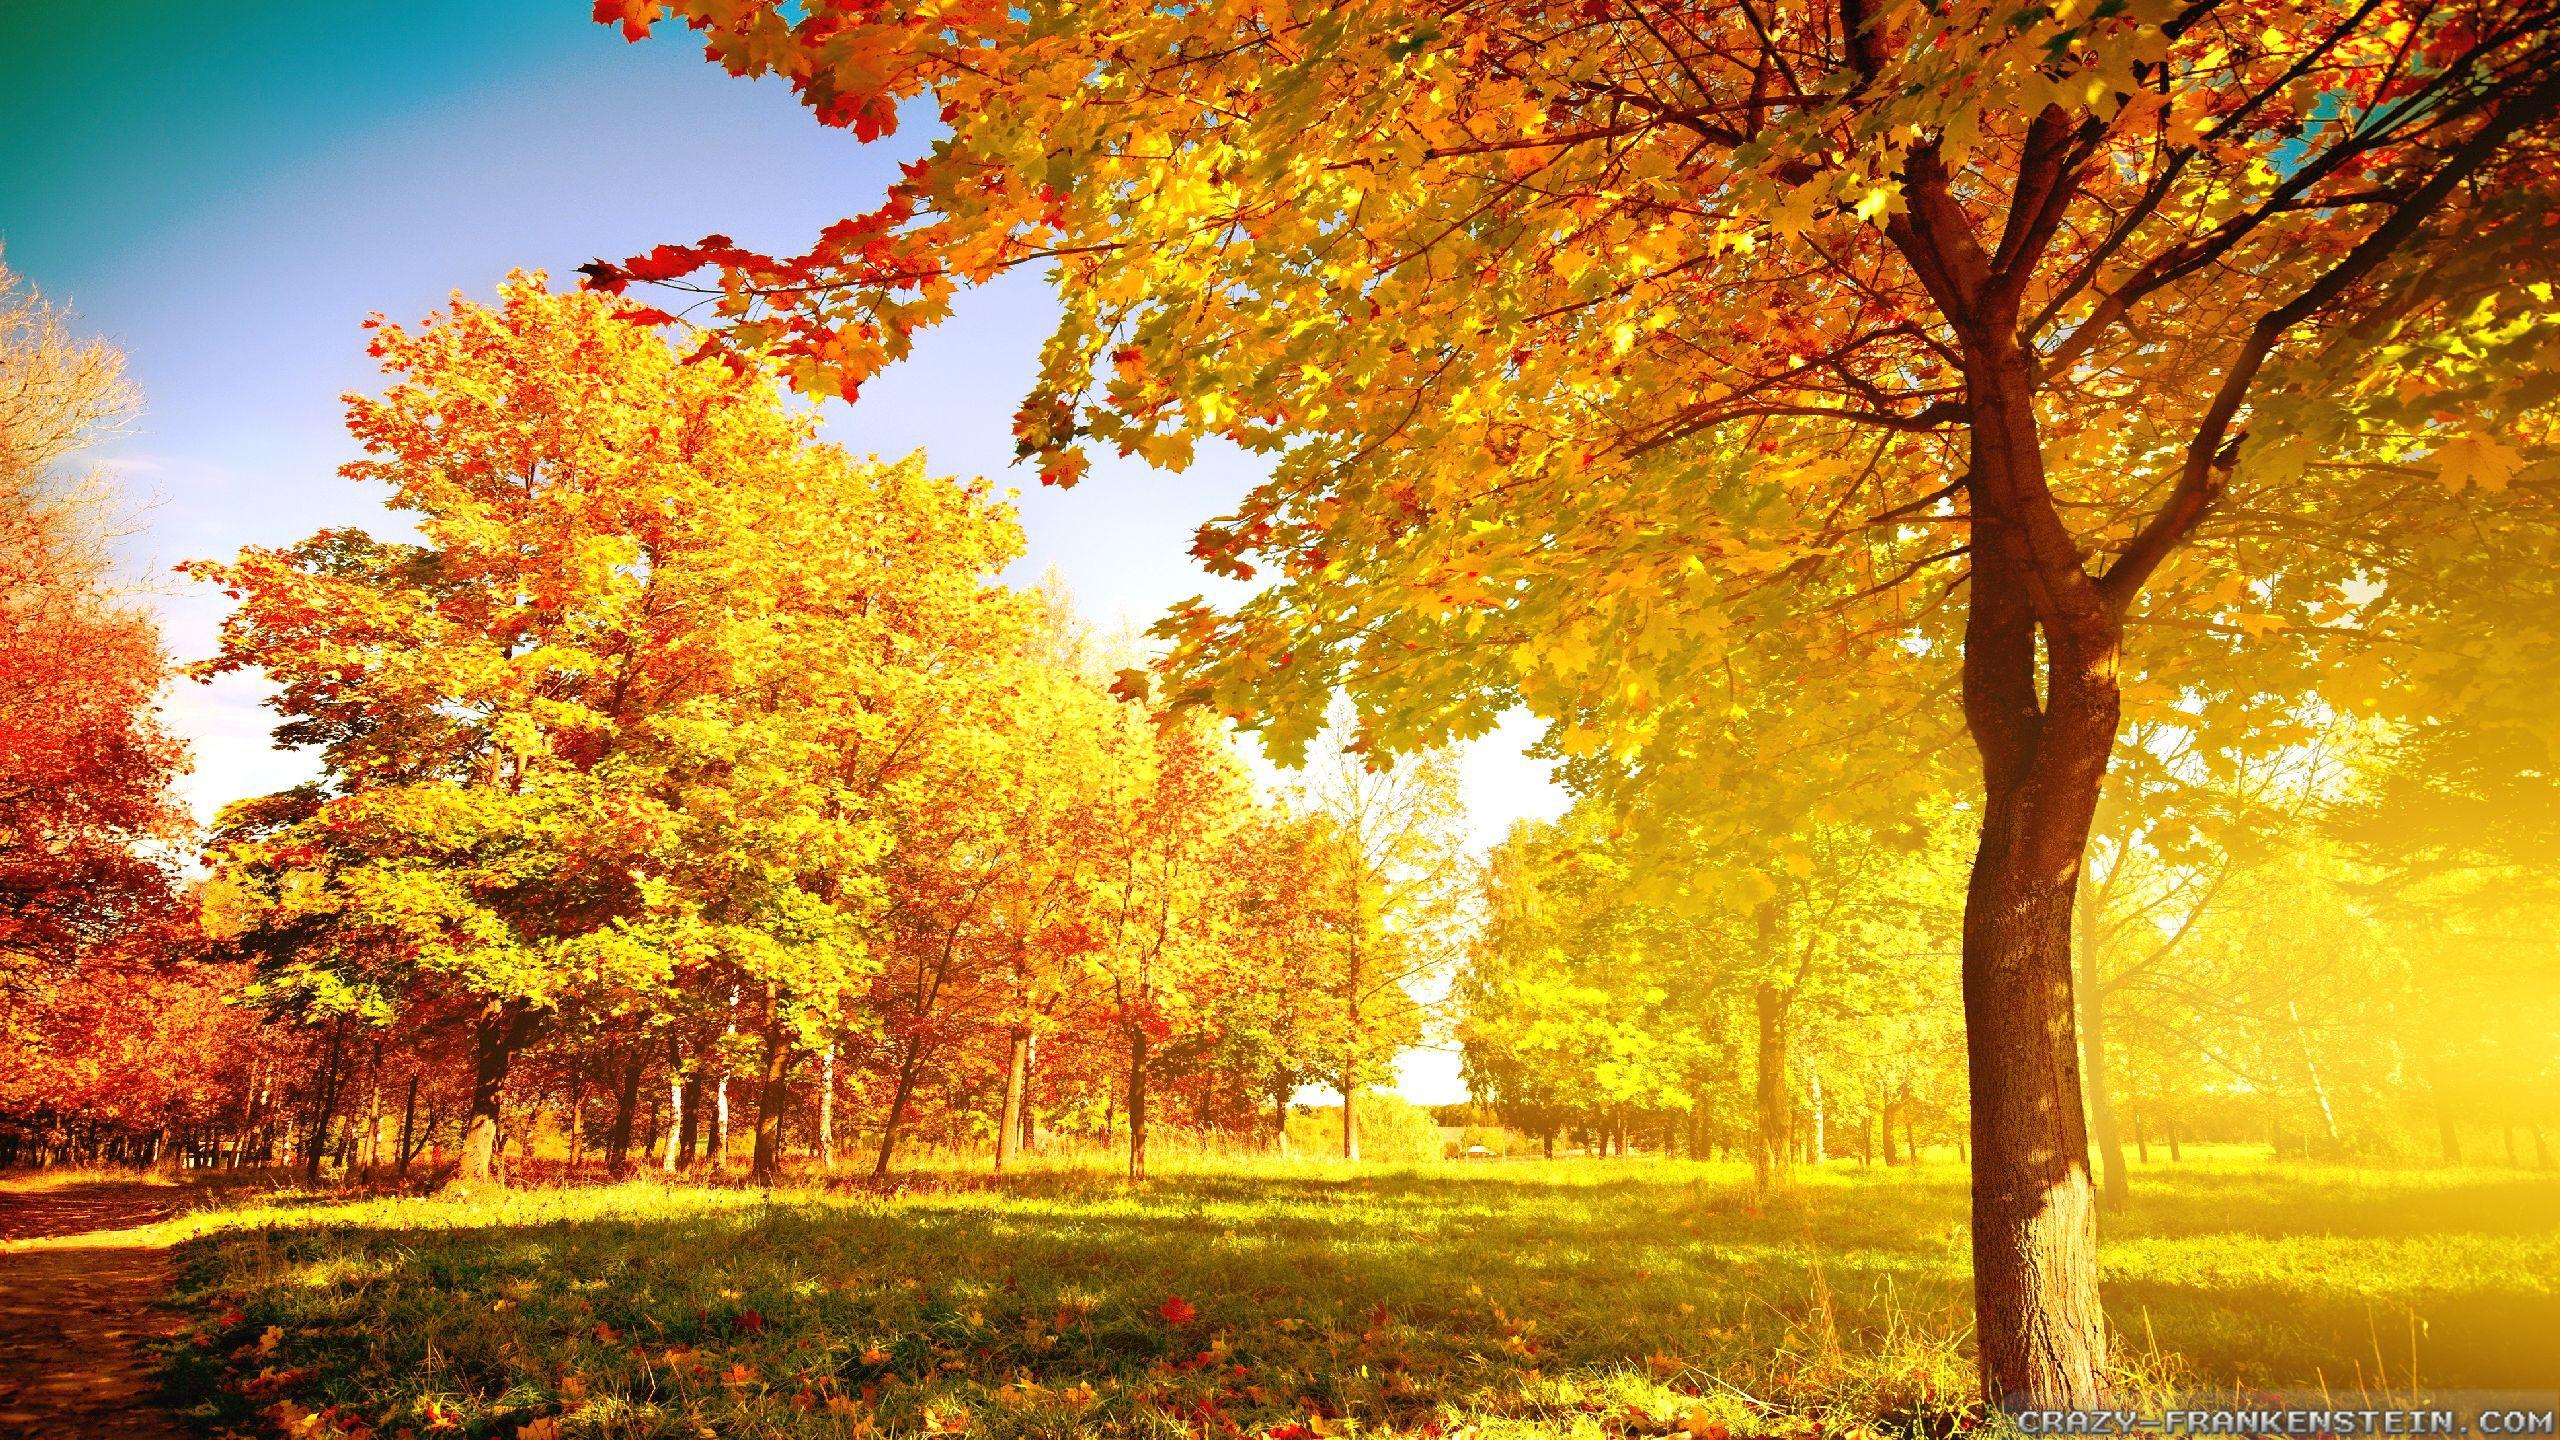 widescreen autumn tree wallpaper